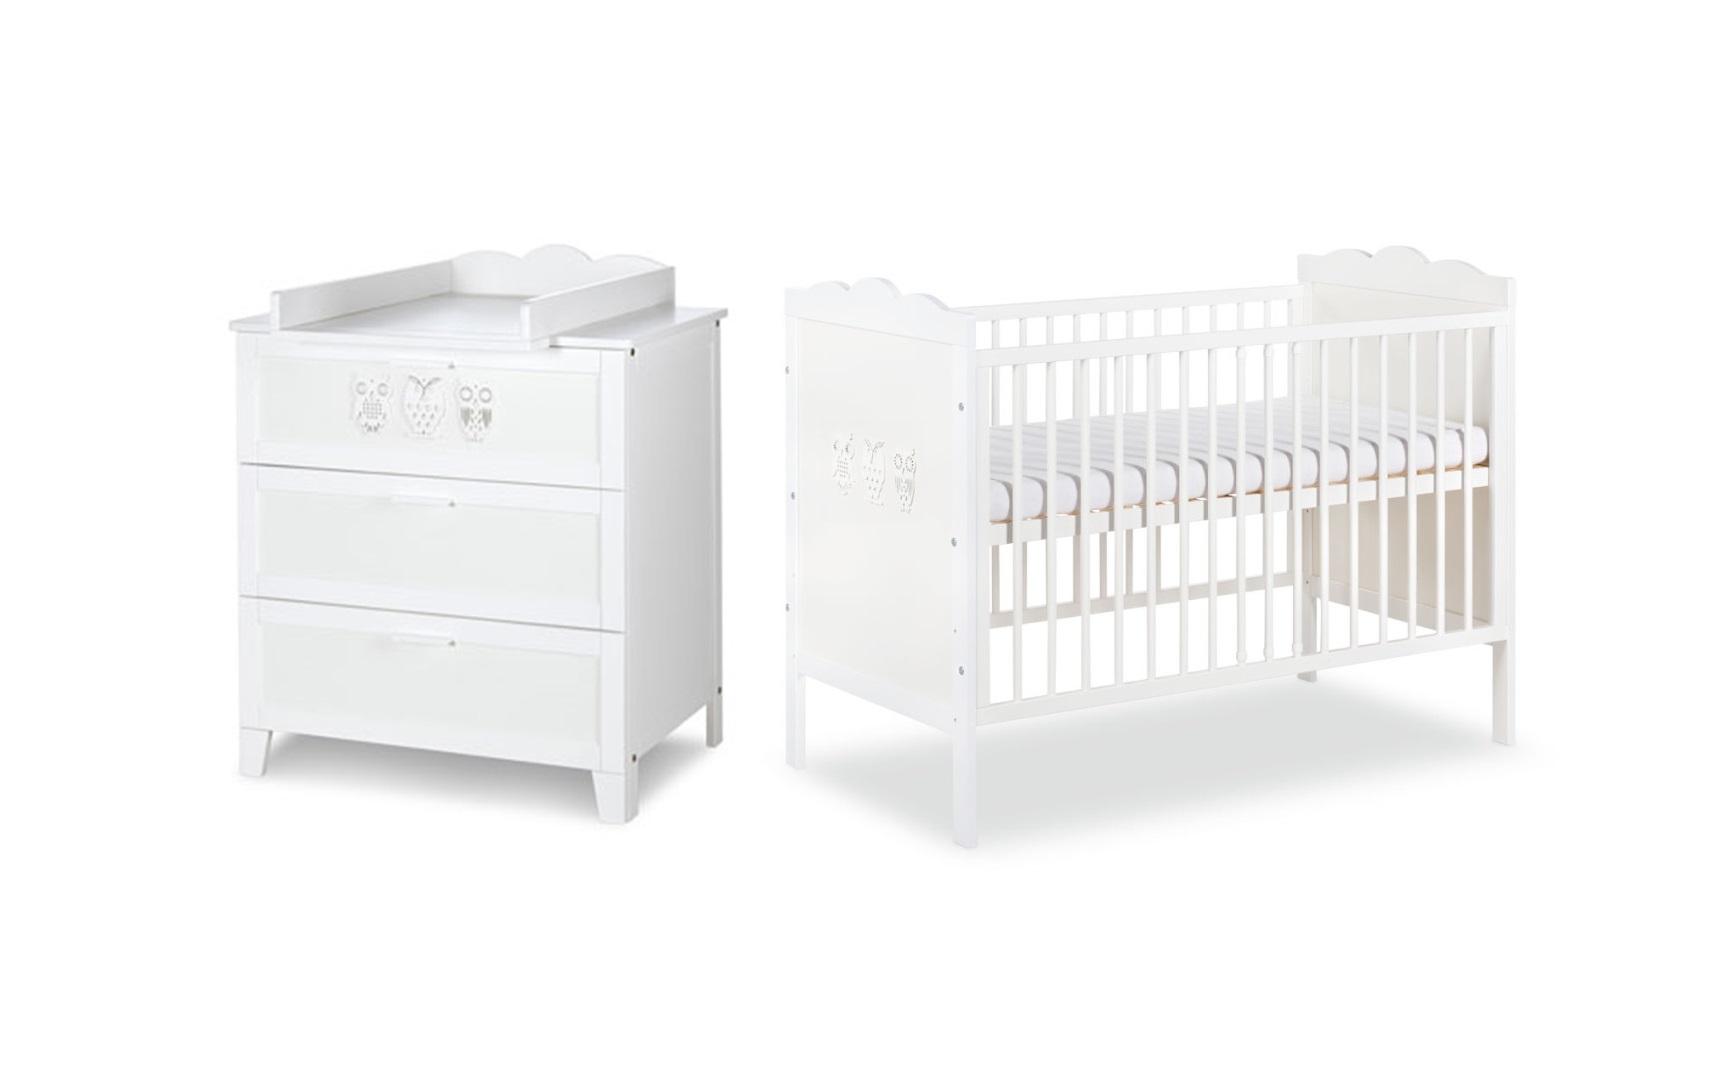 łóżeczko Dziecięce Klupś Marsell 120x60 Komoda Białe Sowy